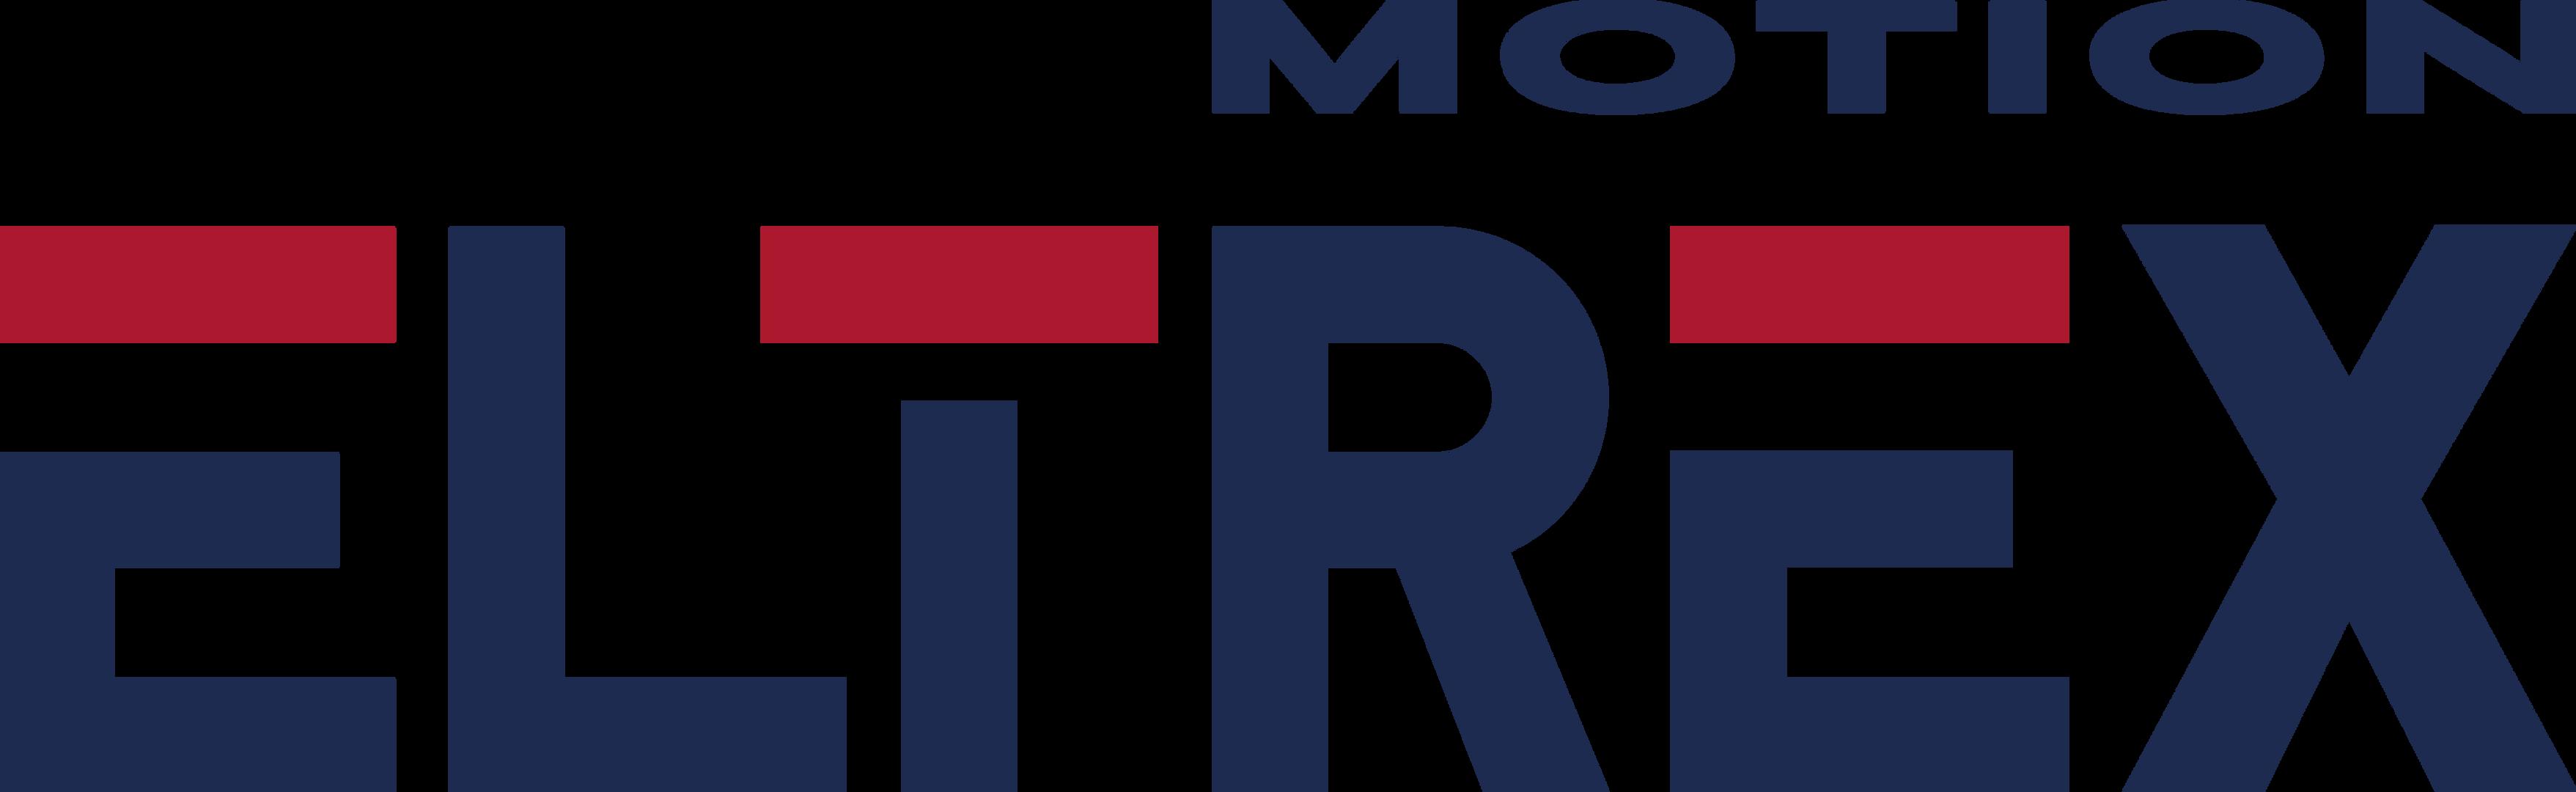 eltrex-logo (1).png